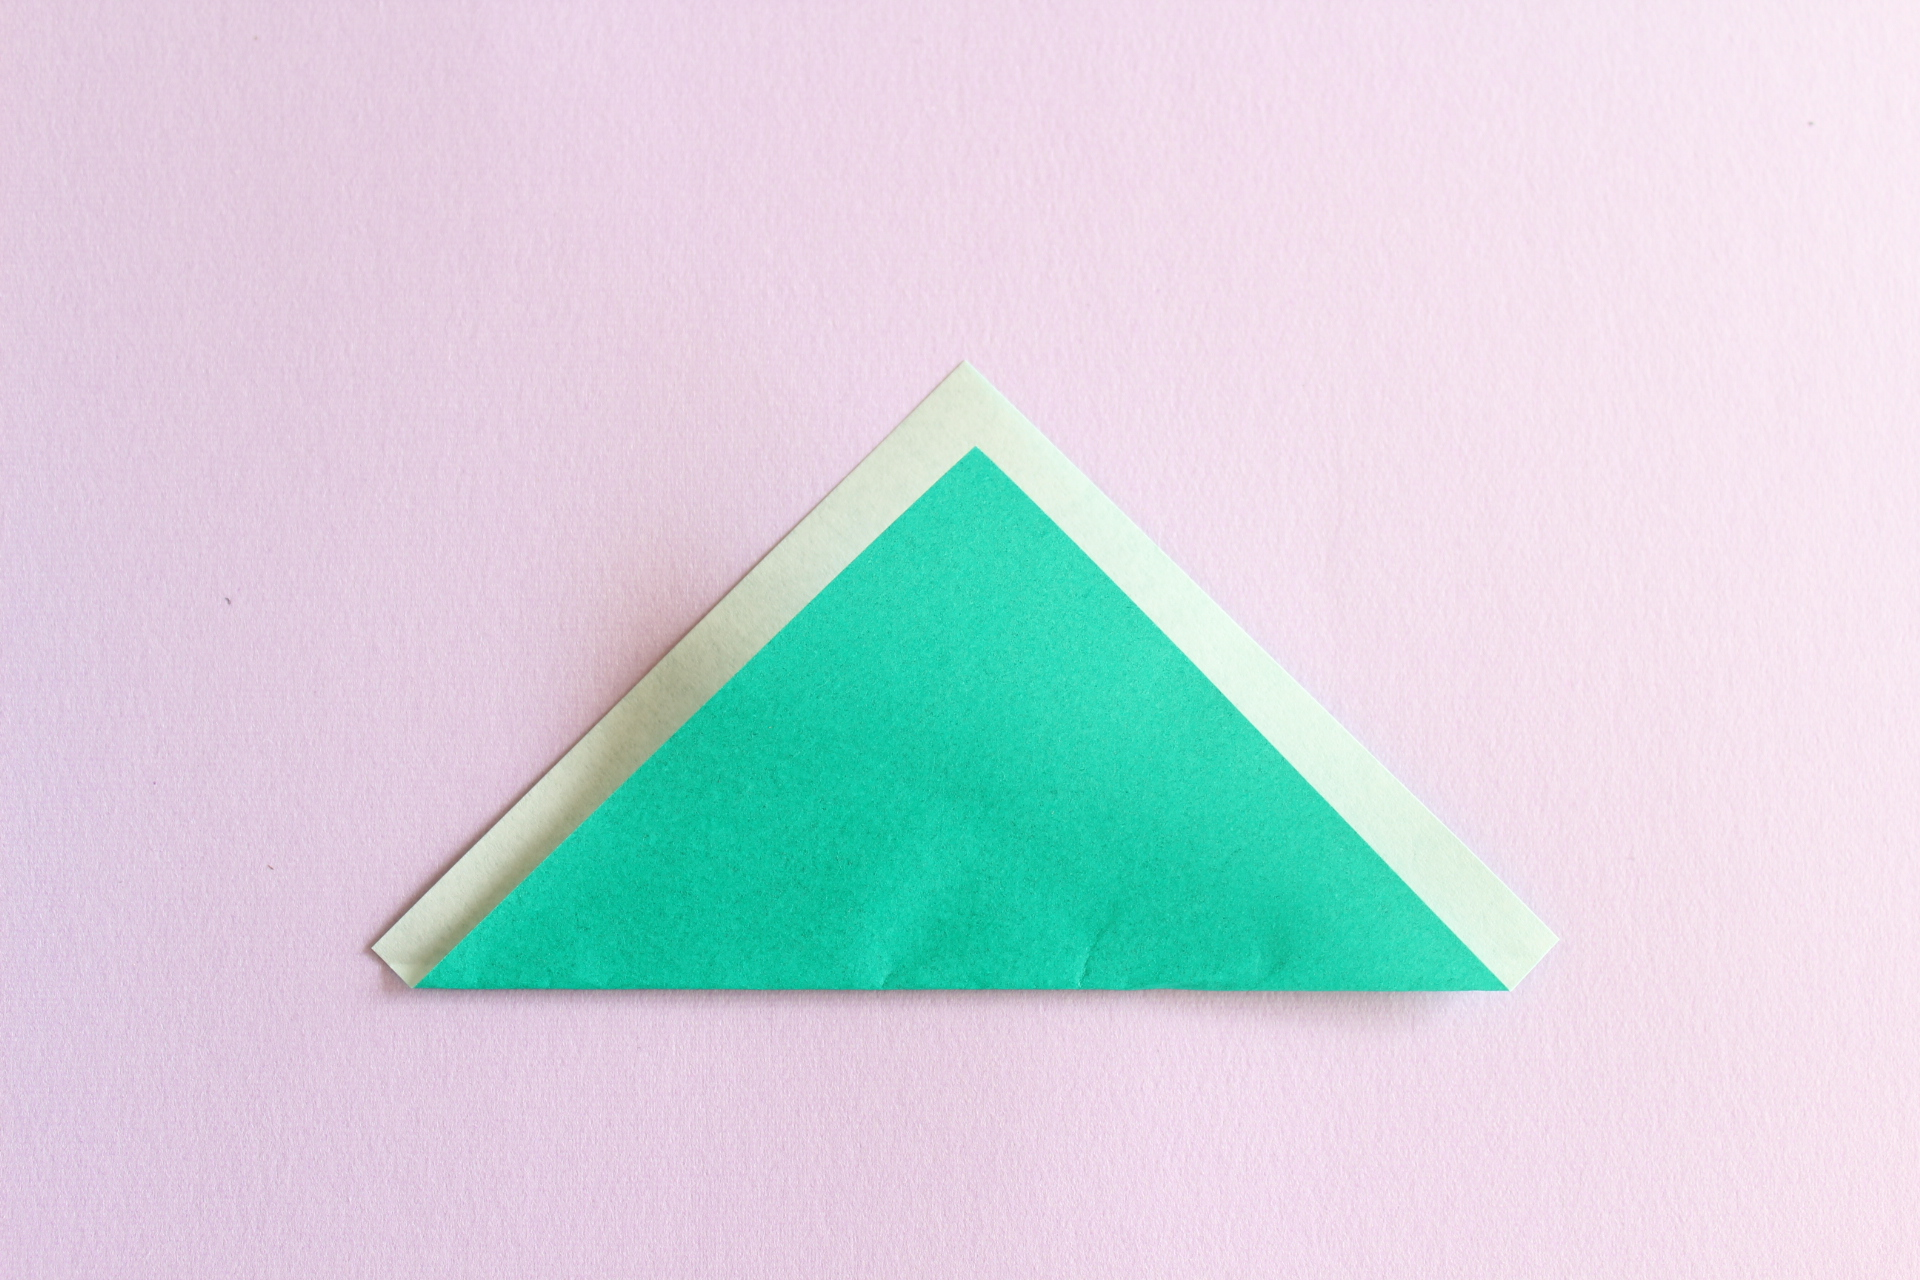 キャンディースティックの折り方1